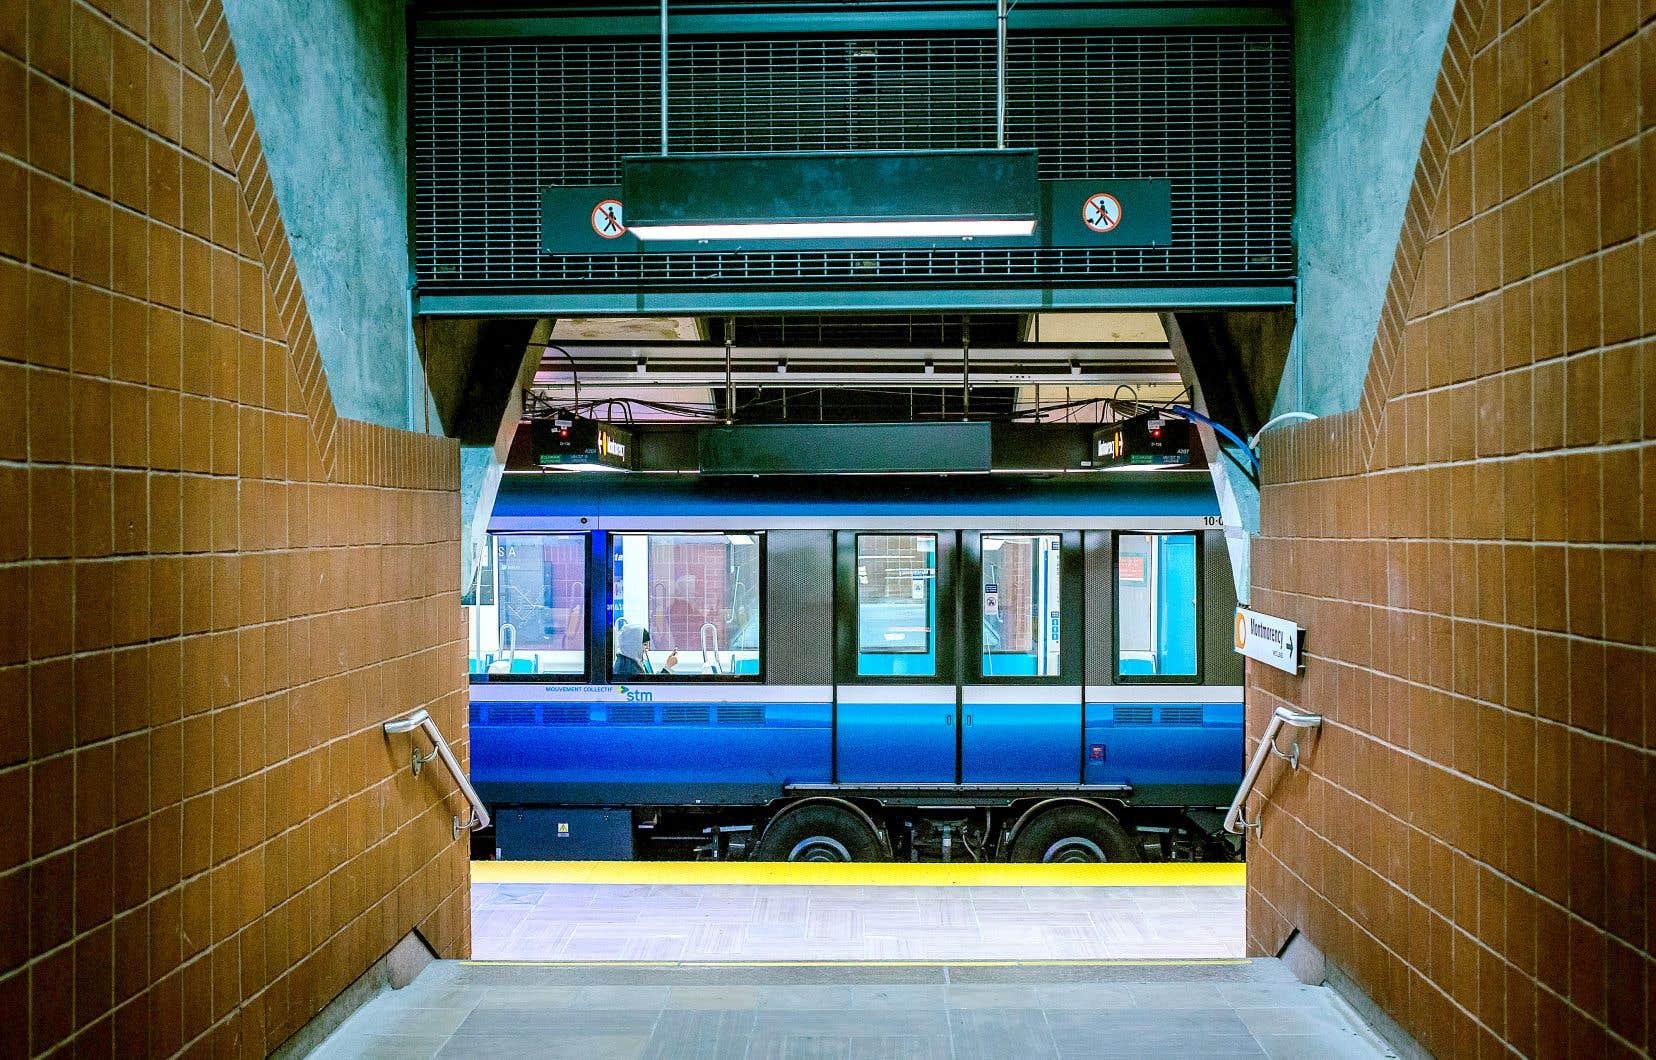 La Société de transport de Montréal (STM) n'a pas encore pris de décision et poursuit l'analyse de l'offre de service qui sera mise en place.